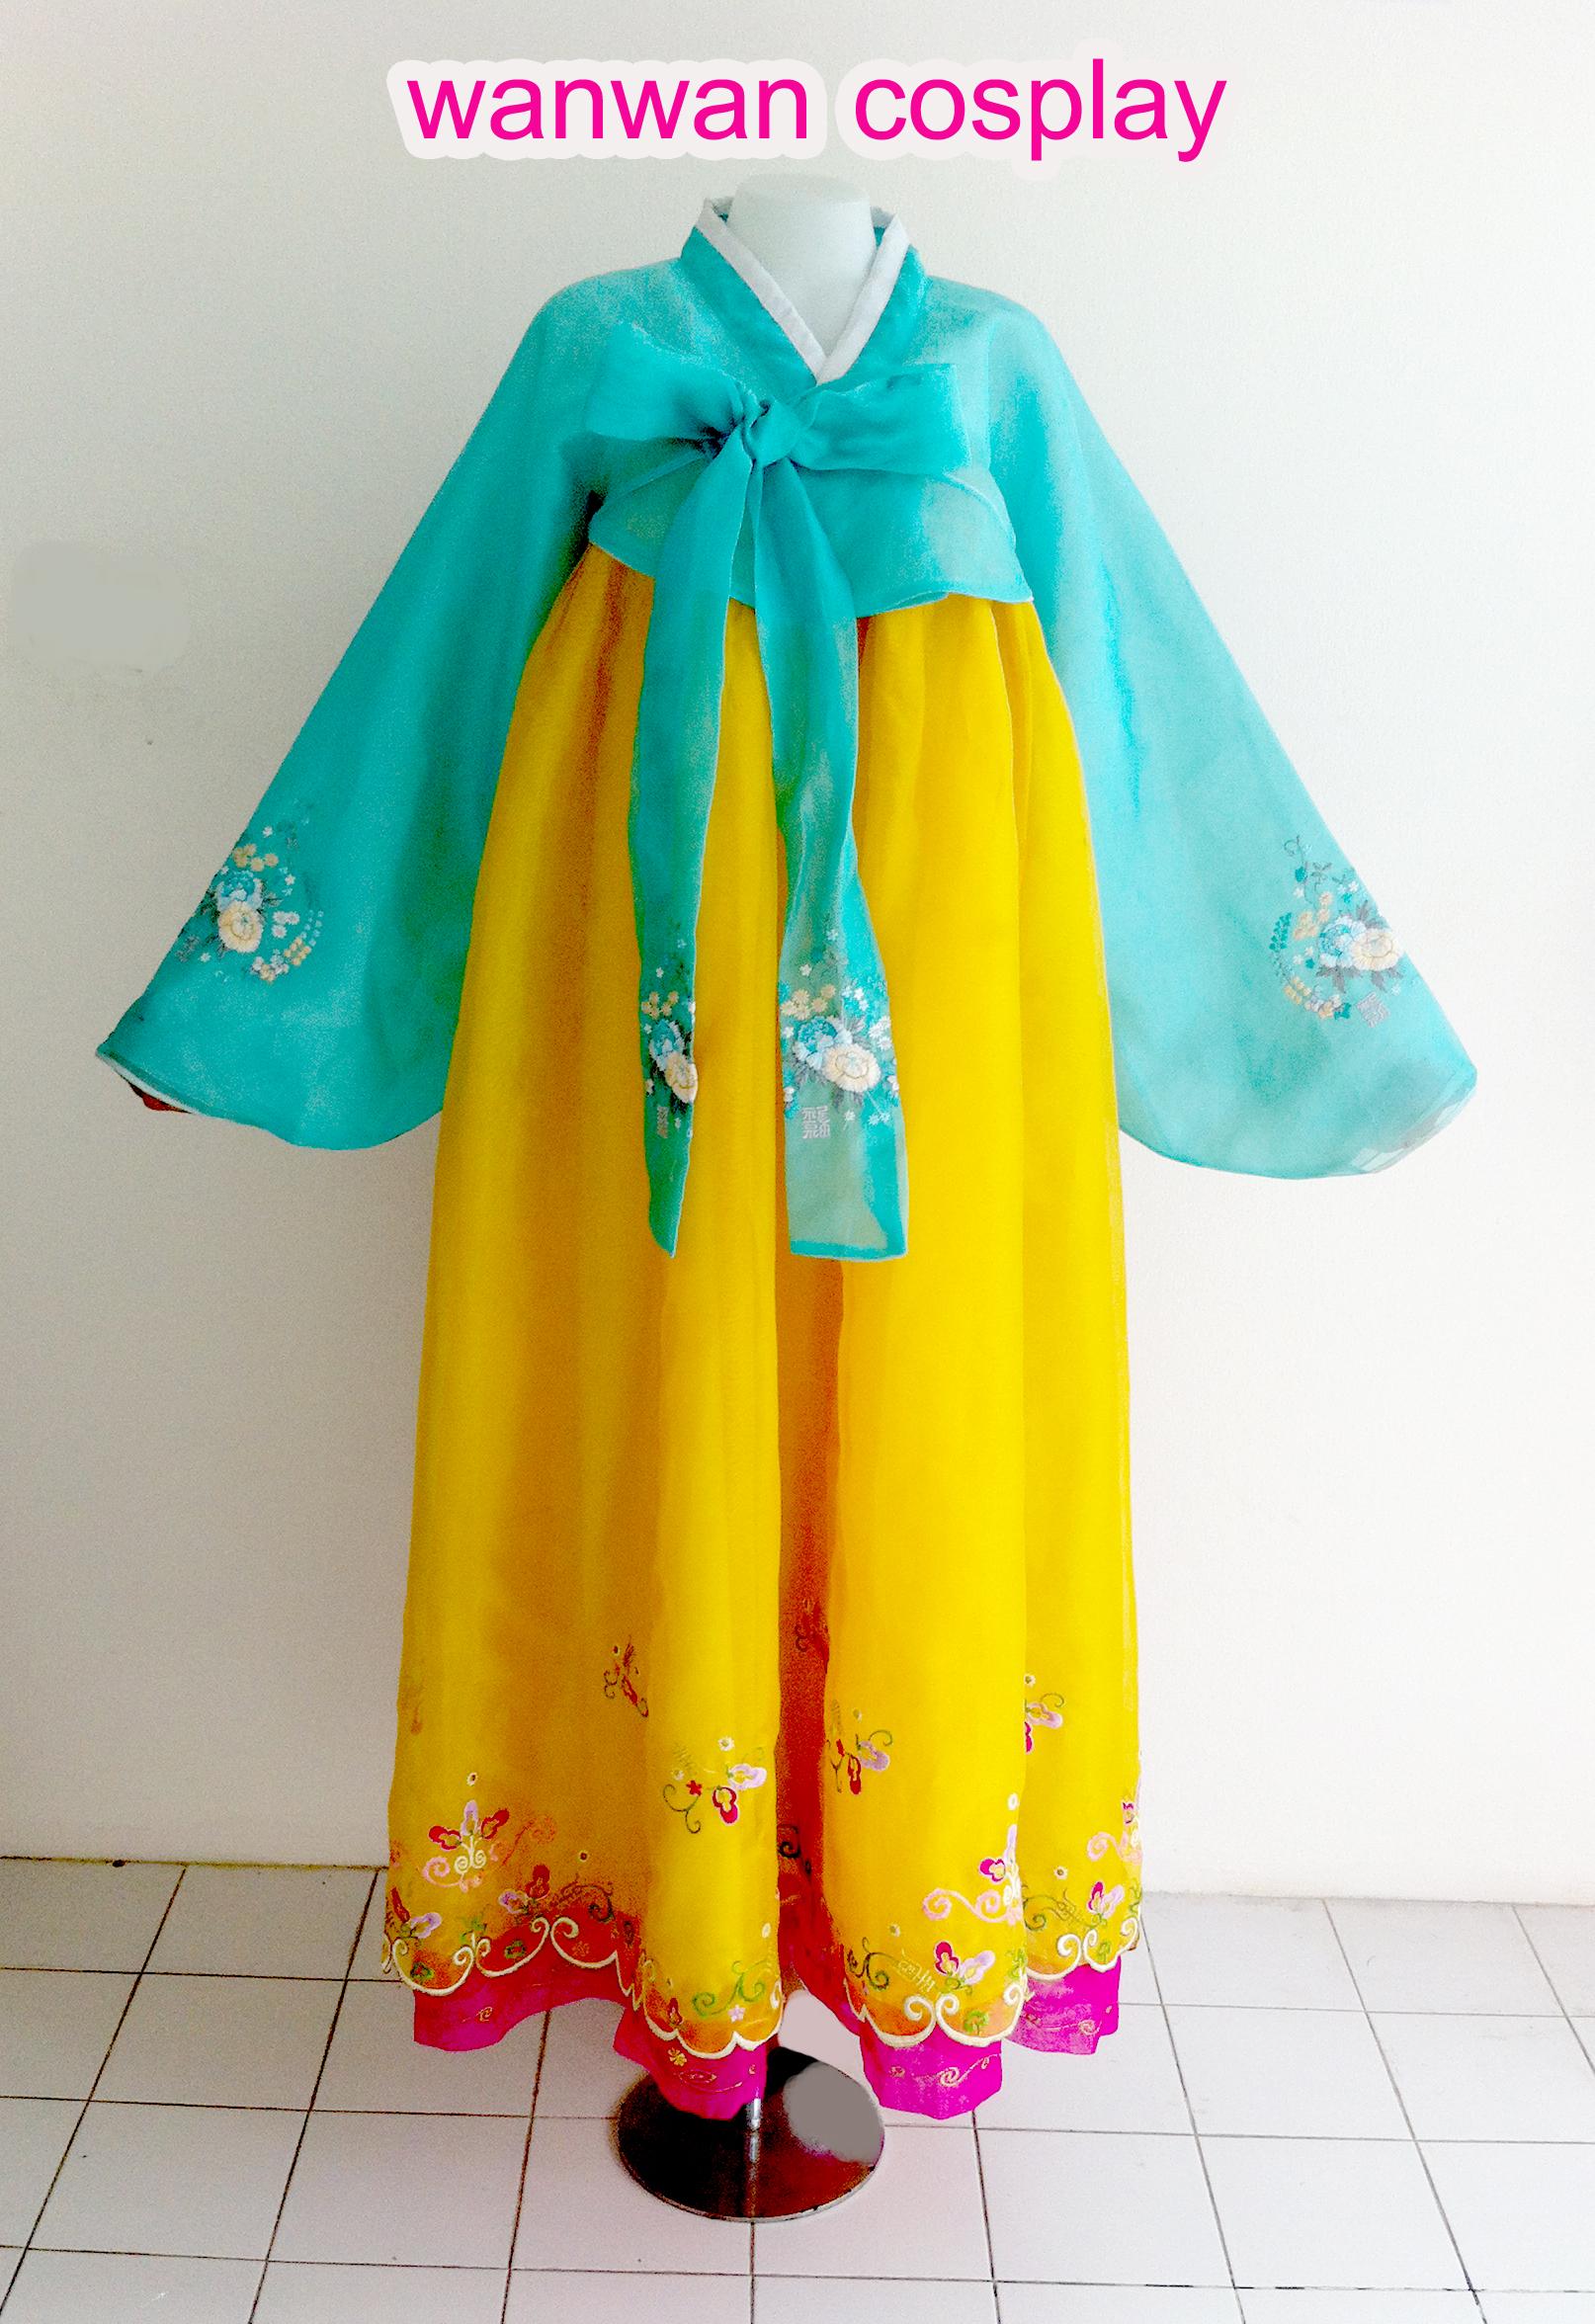 ชุดฮันบก ชุดเกาหลี ชุดแดจังกึม ชุดญี่ปุ่น ชุดกิโมโน ยูกาตะ ชุดจีน-กี่เพ้า ชุดประจำชาติ 094-920-9400 , 094-920-9402